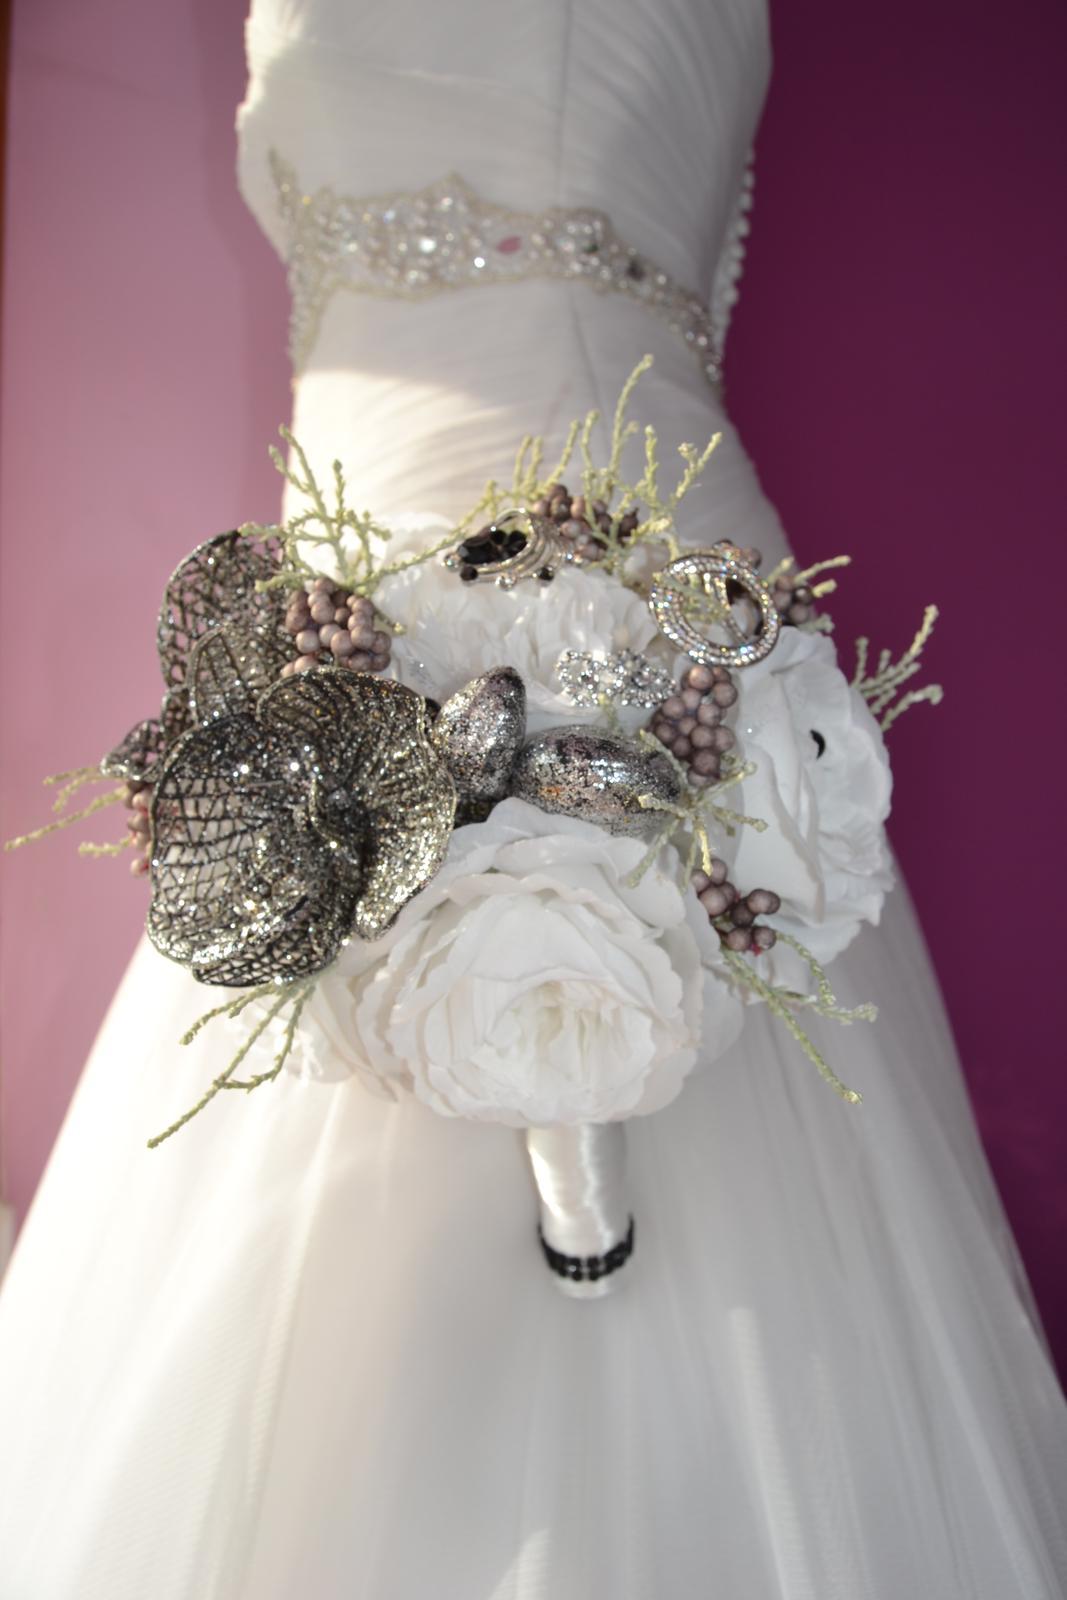 Látkové umělé svatební kytice-info - Obrázek č. 3